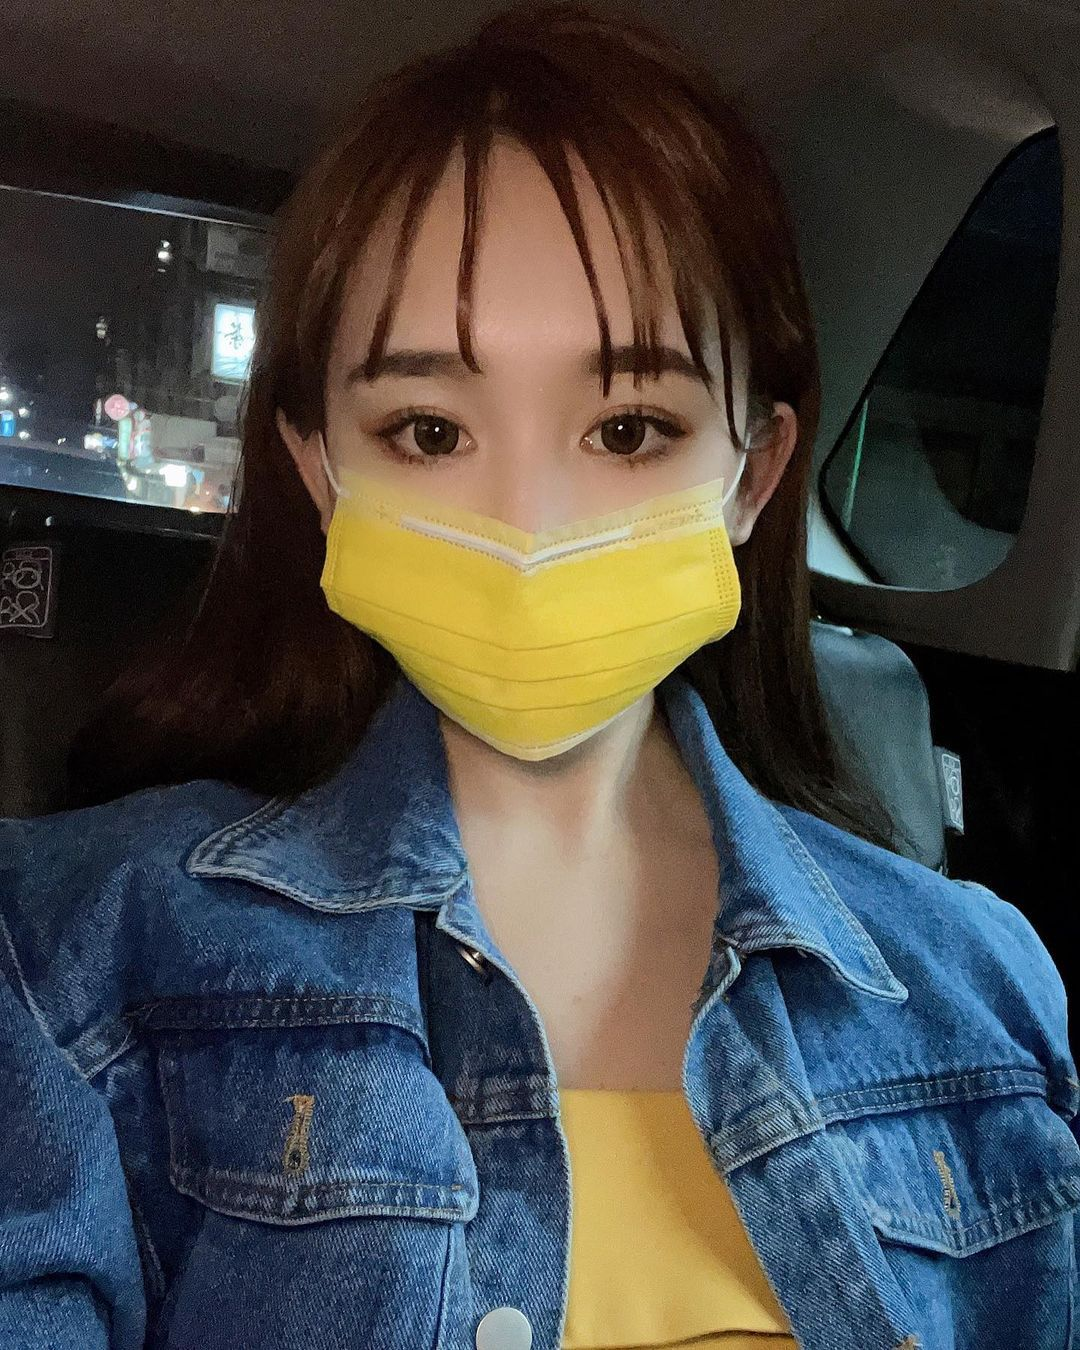 师范大学甜美美女「IreneHuang」玲珑有致好身材 养眼图片 第10张